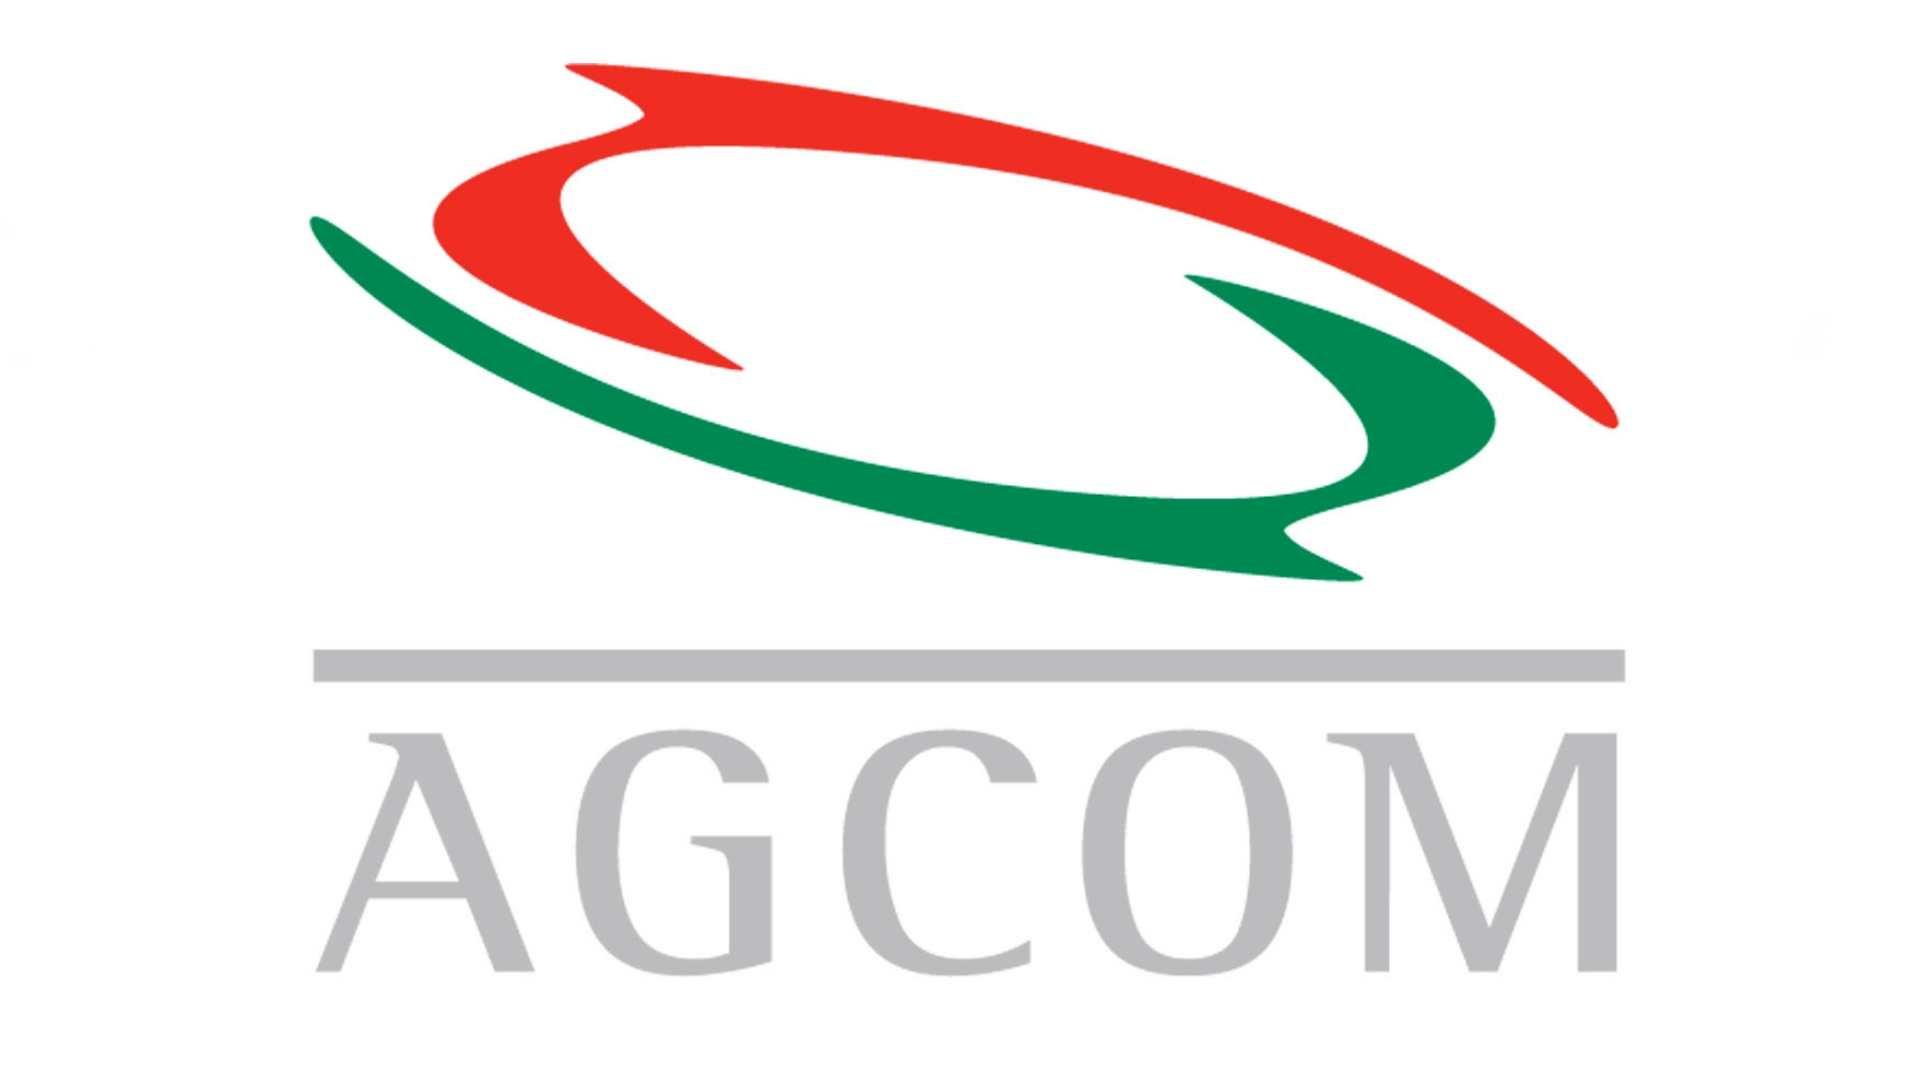 FIAP Ultime dal Trasporto Operatori nei servizi postali. Sentenza del TAR del Lazio sul pagamento contributo ad Agcom.